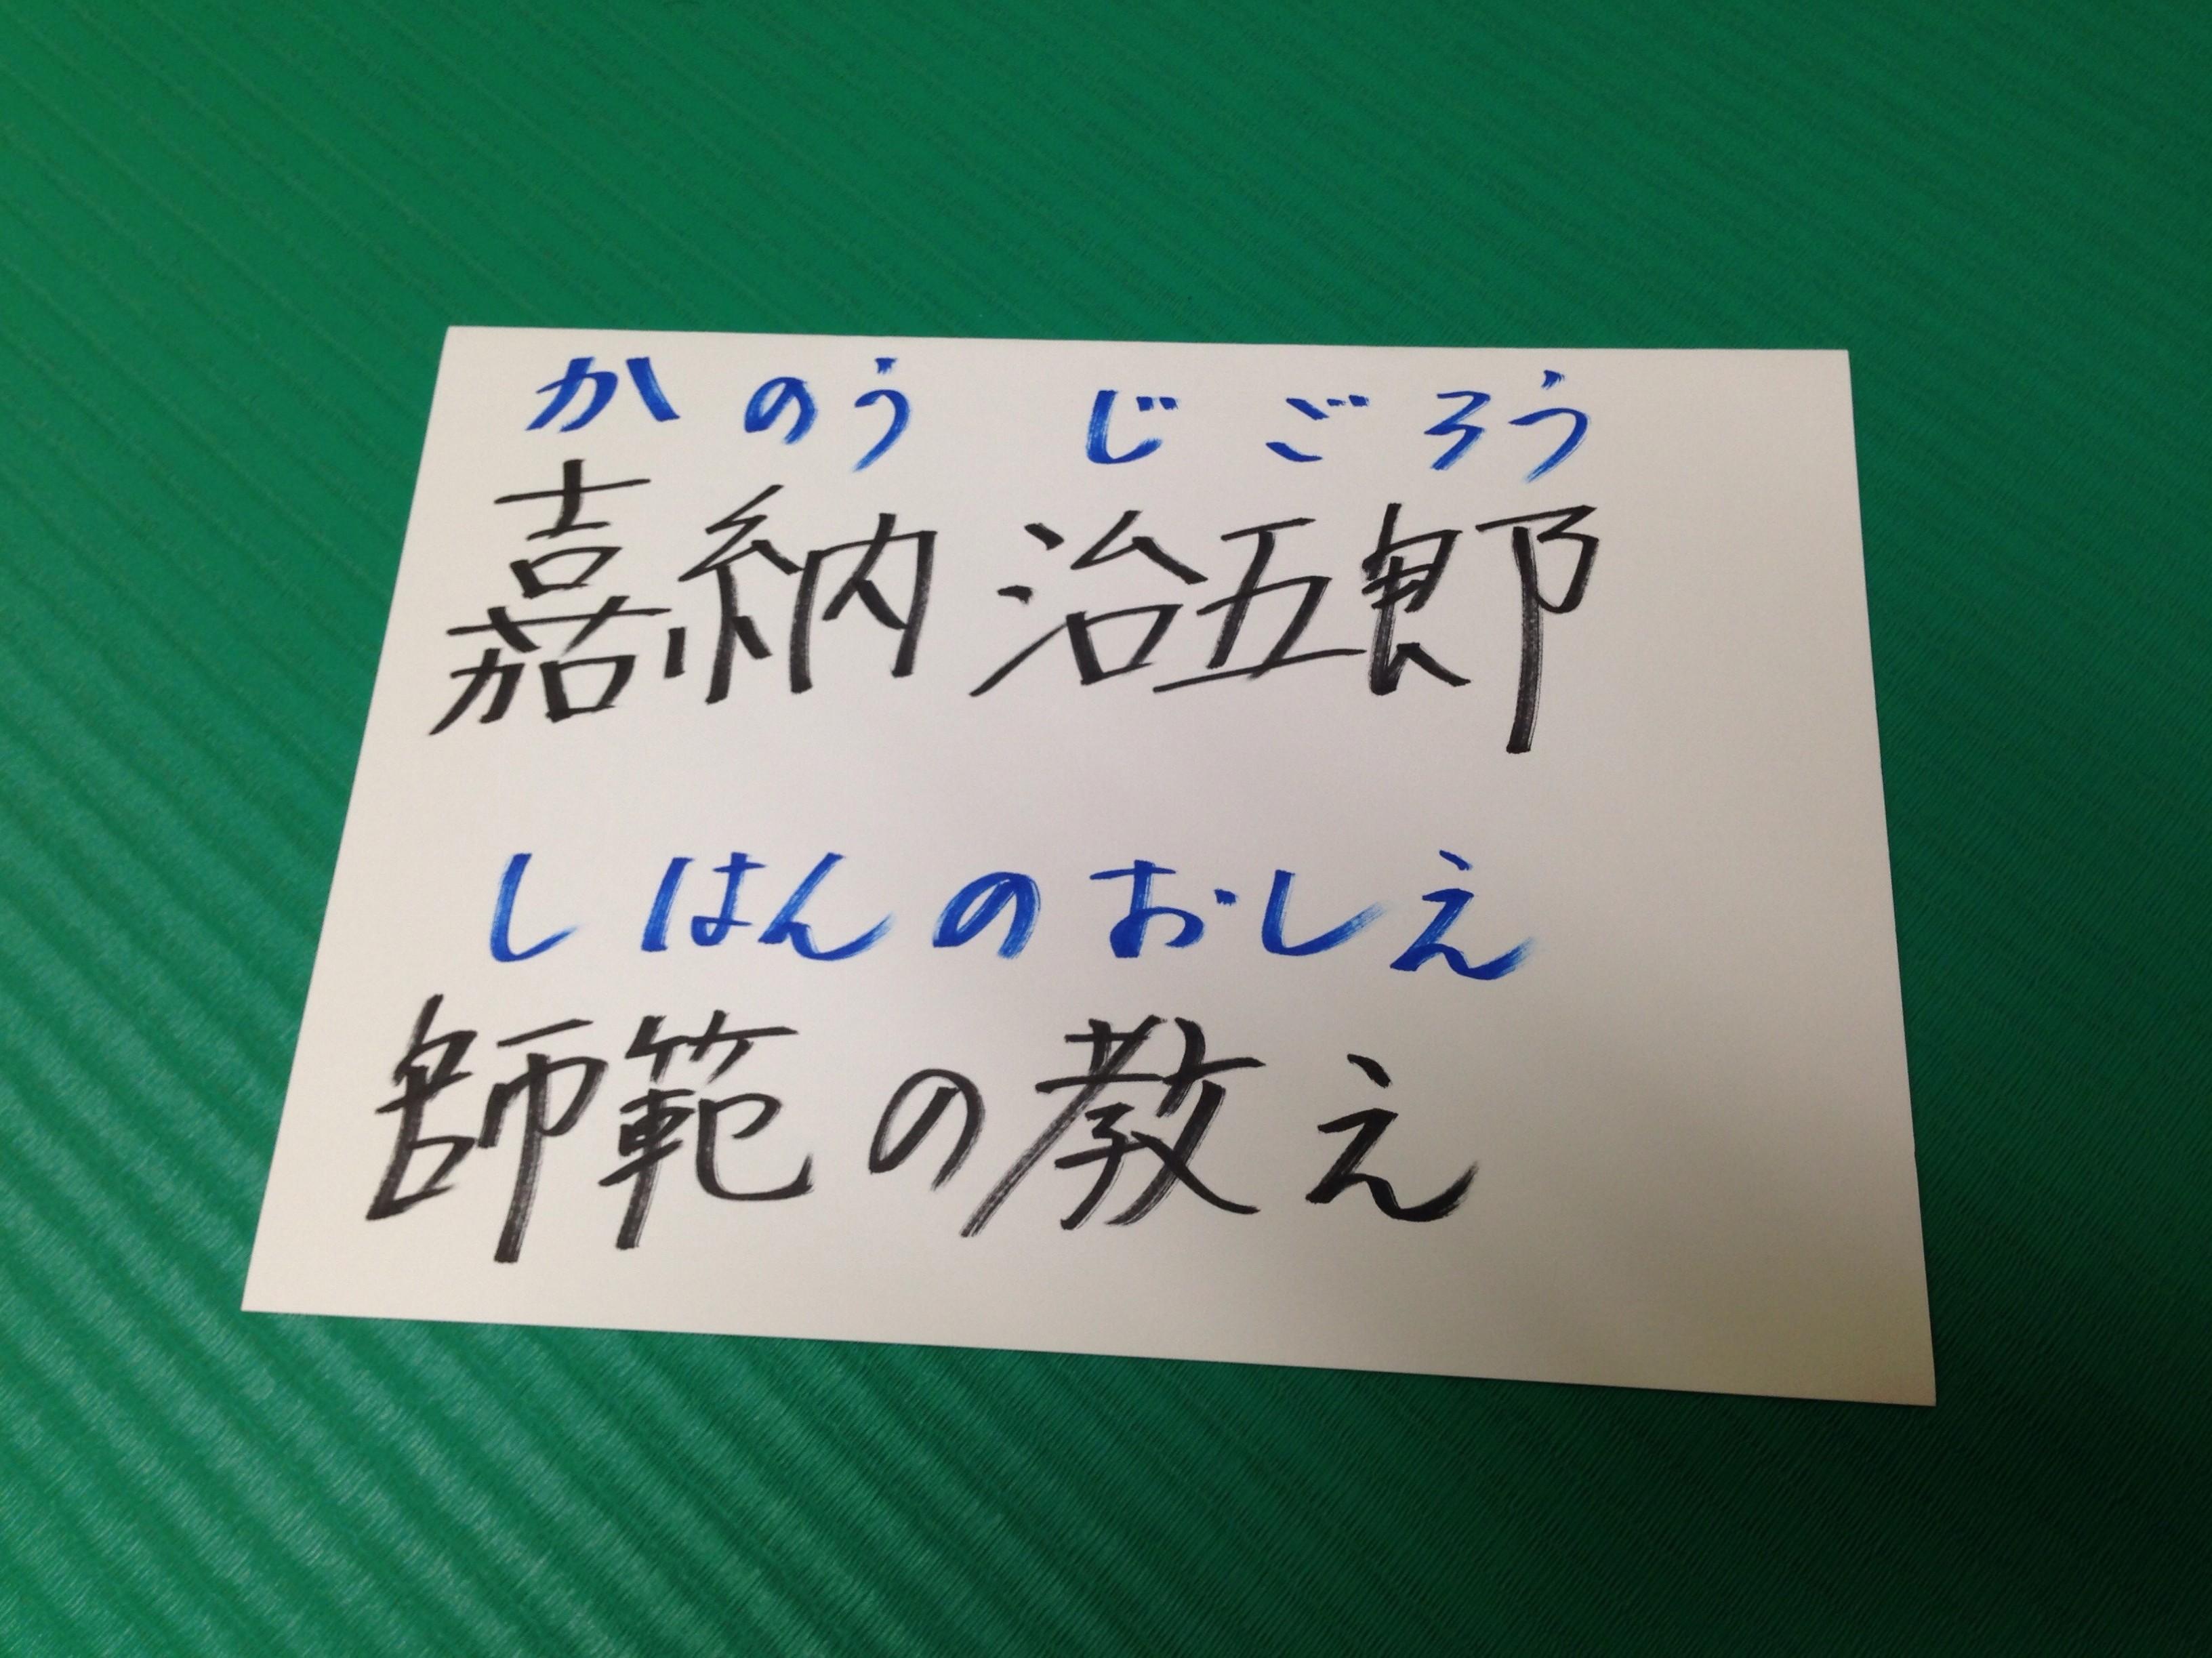 嘉納治五郎師範の教え 手書き資料